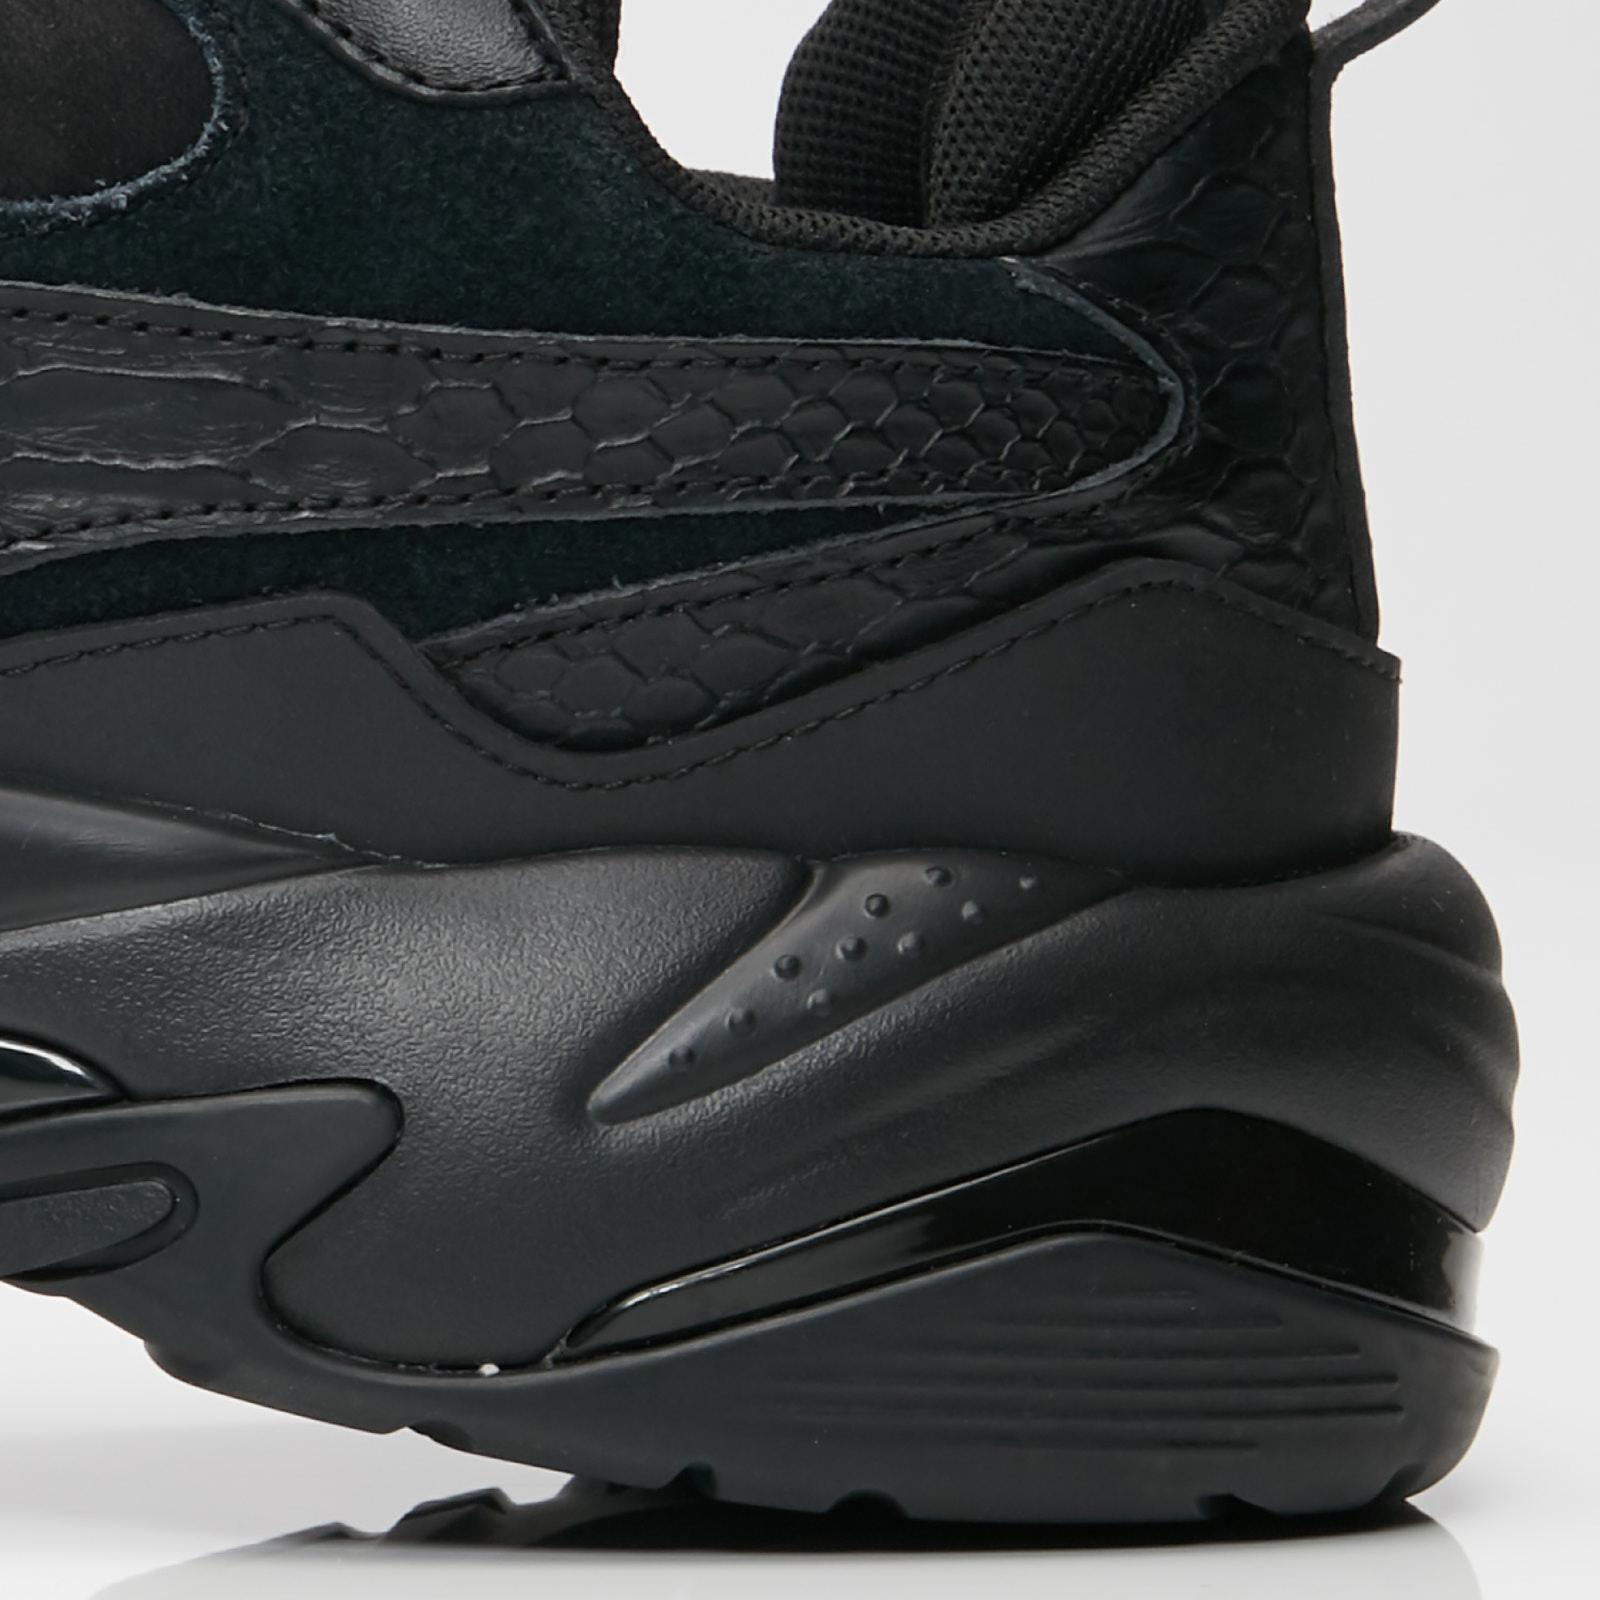 93063af8bd43 Puma Thunder Desert - 367997-04 - Sneakersnstuff